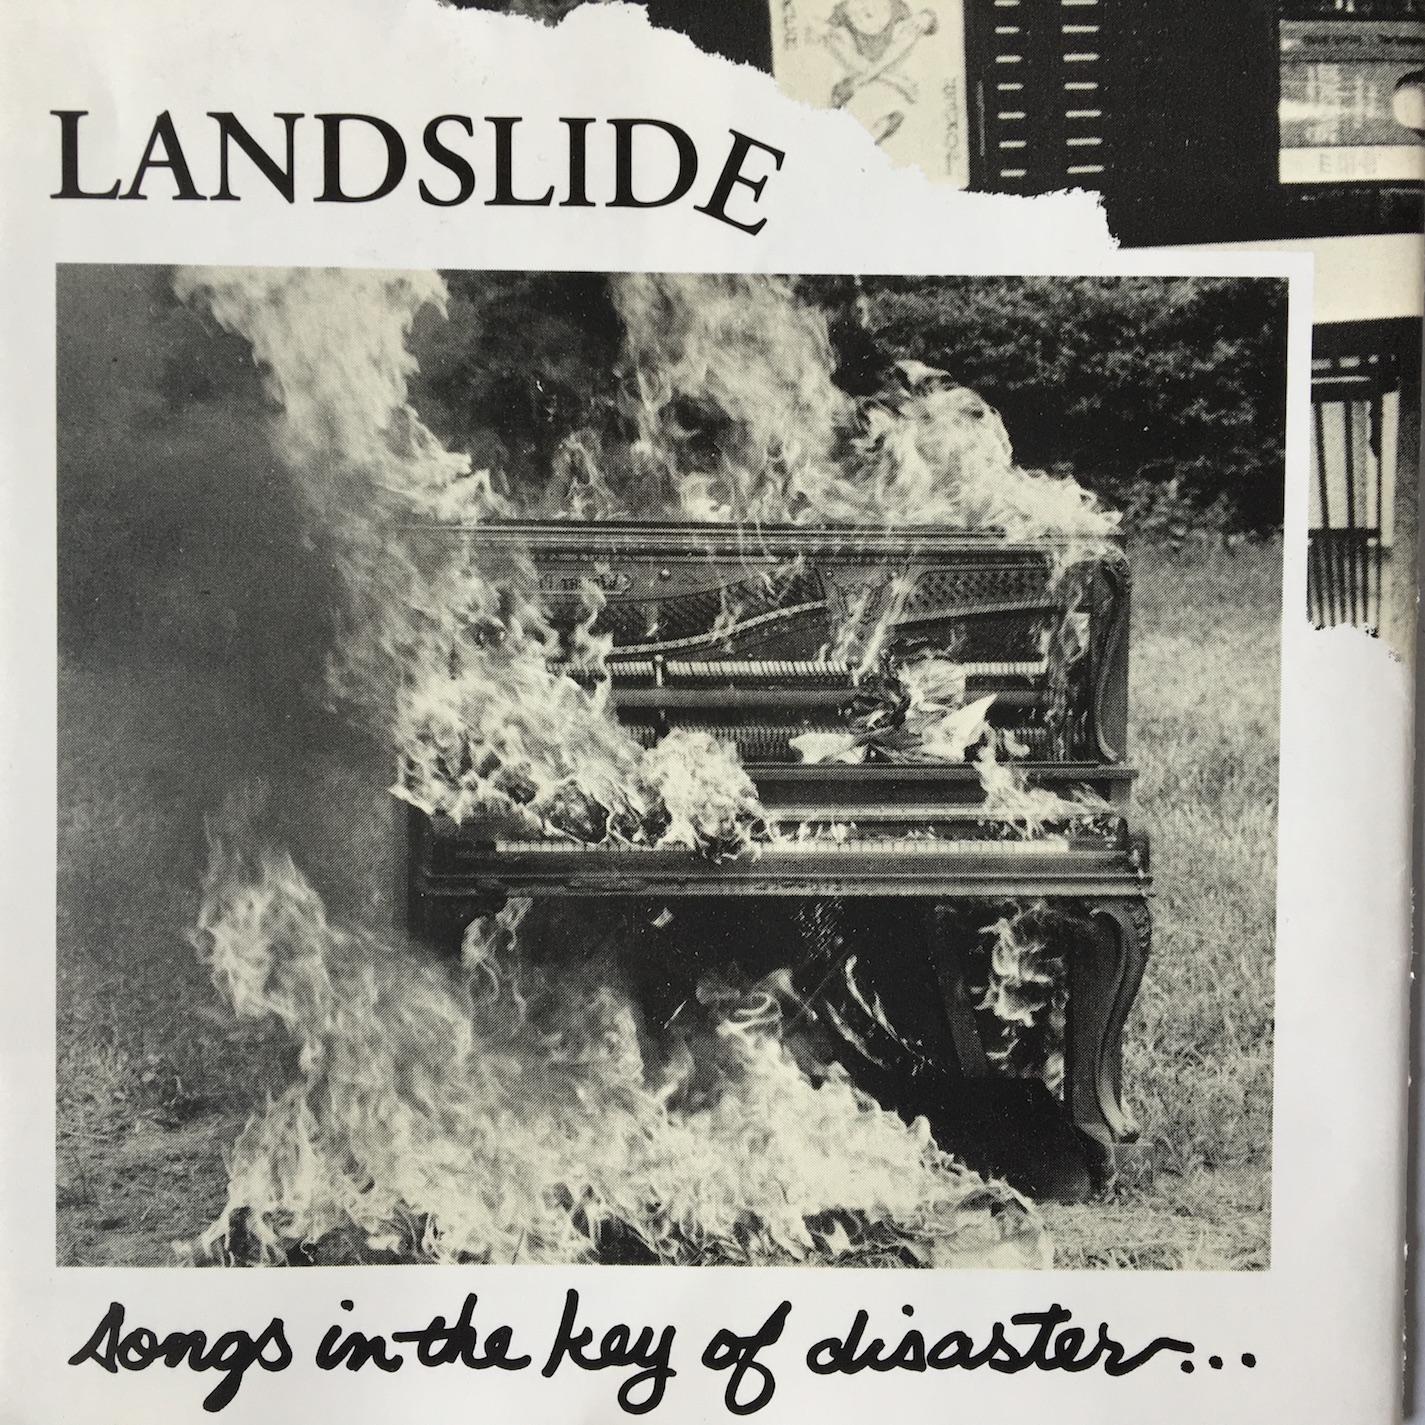 Songs In The Key of Disaster by Landslide